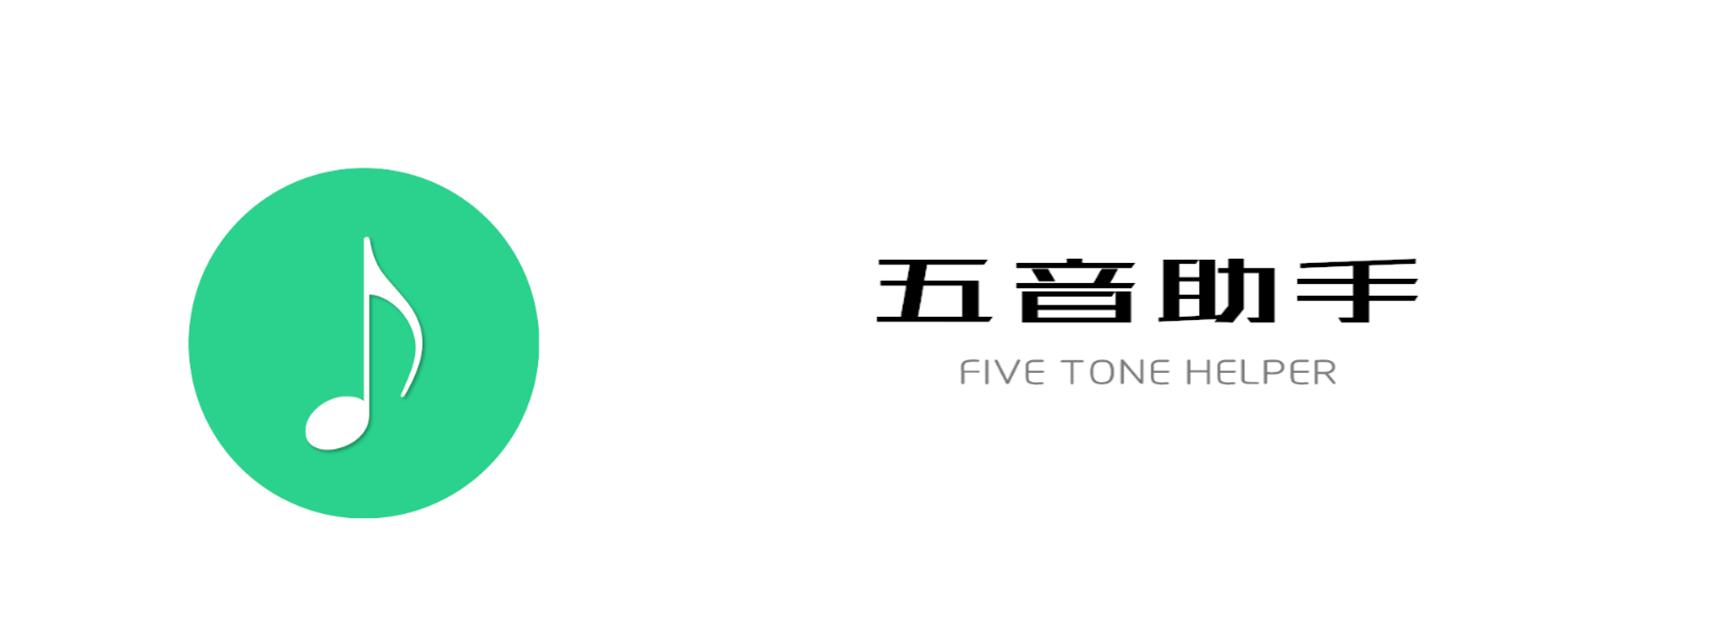 Android 五音助手最新版本V2.5.2官网下载